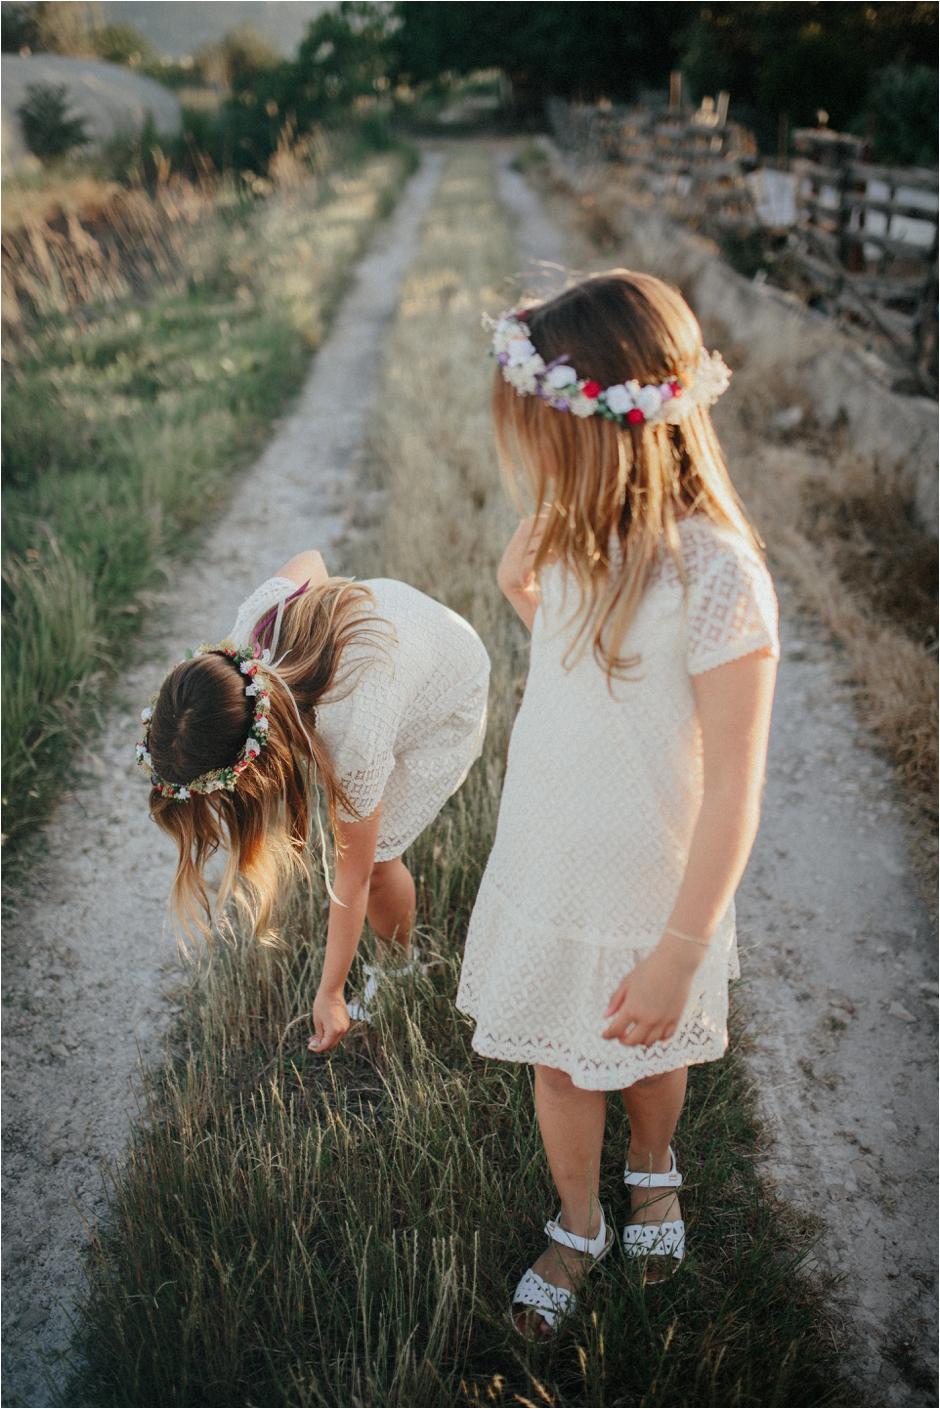 comunion-en-valencia-carla-y-neus-bodafilms-jose-caballero-fotografo-de-bodas-valencia-14.jpg